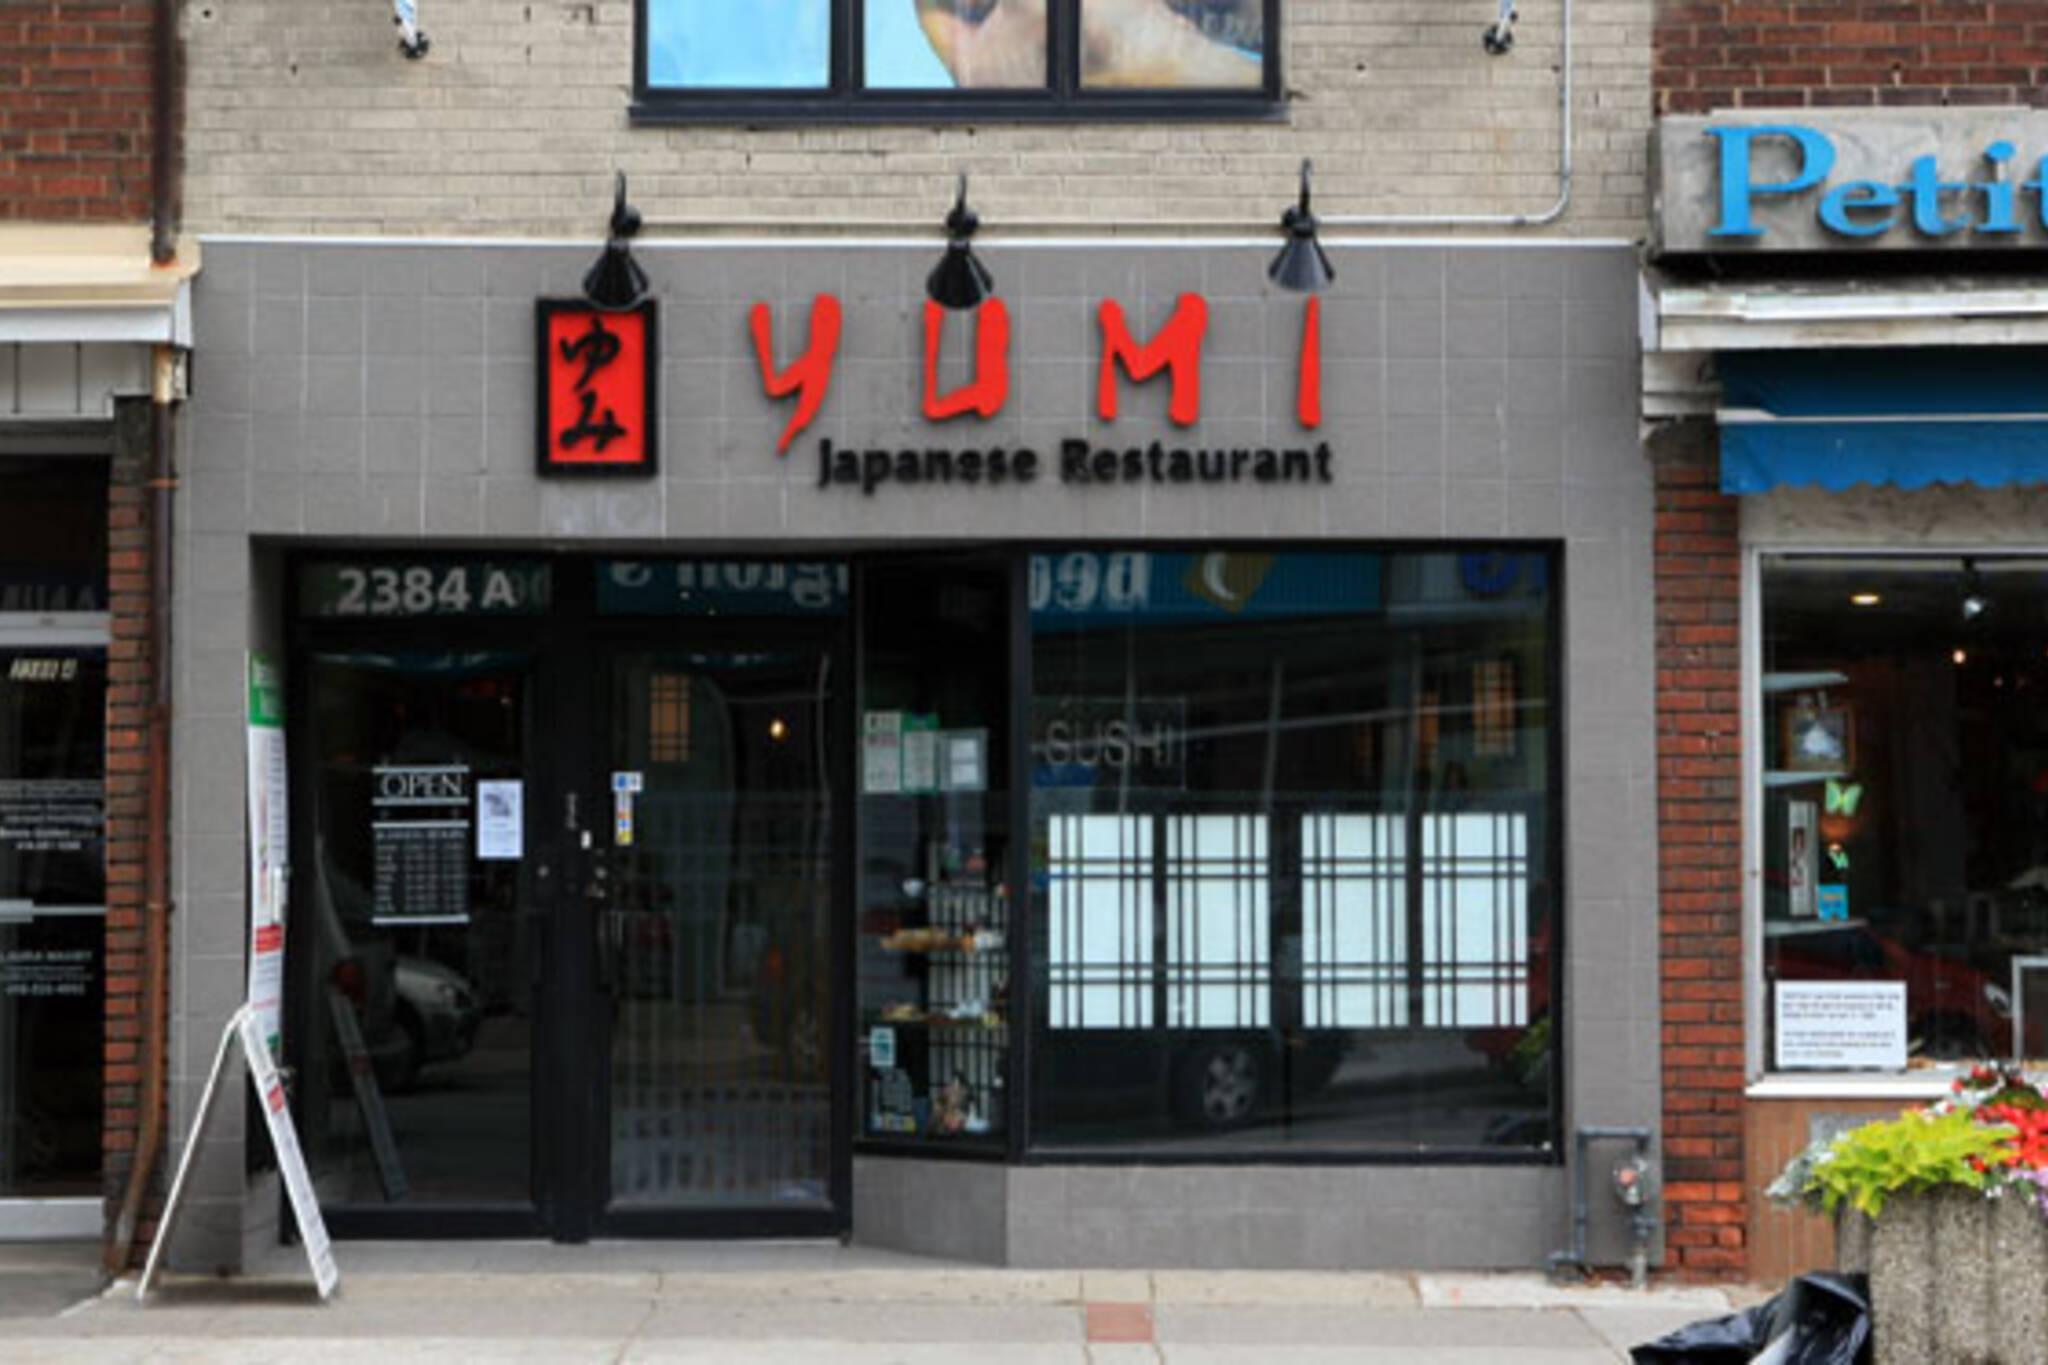 Yumi Toronto